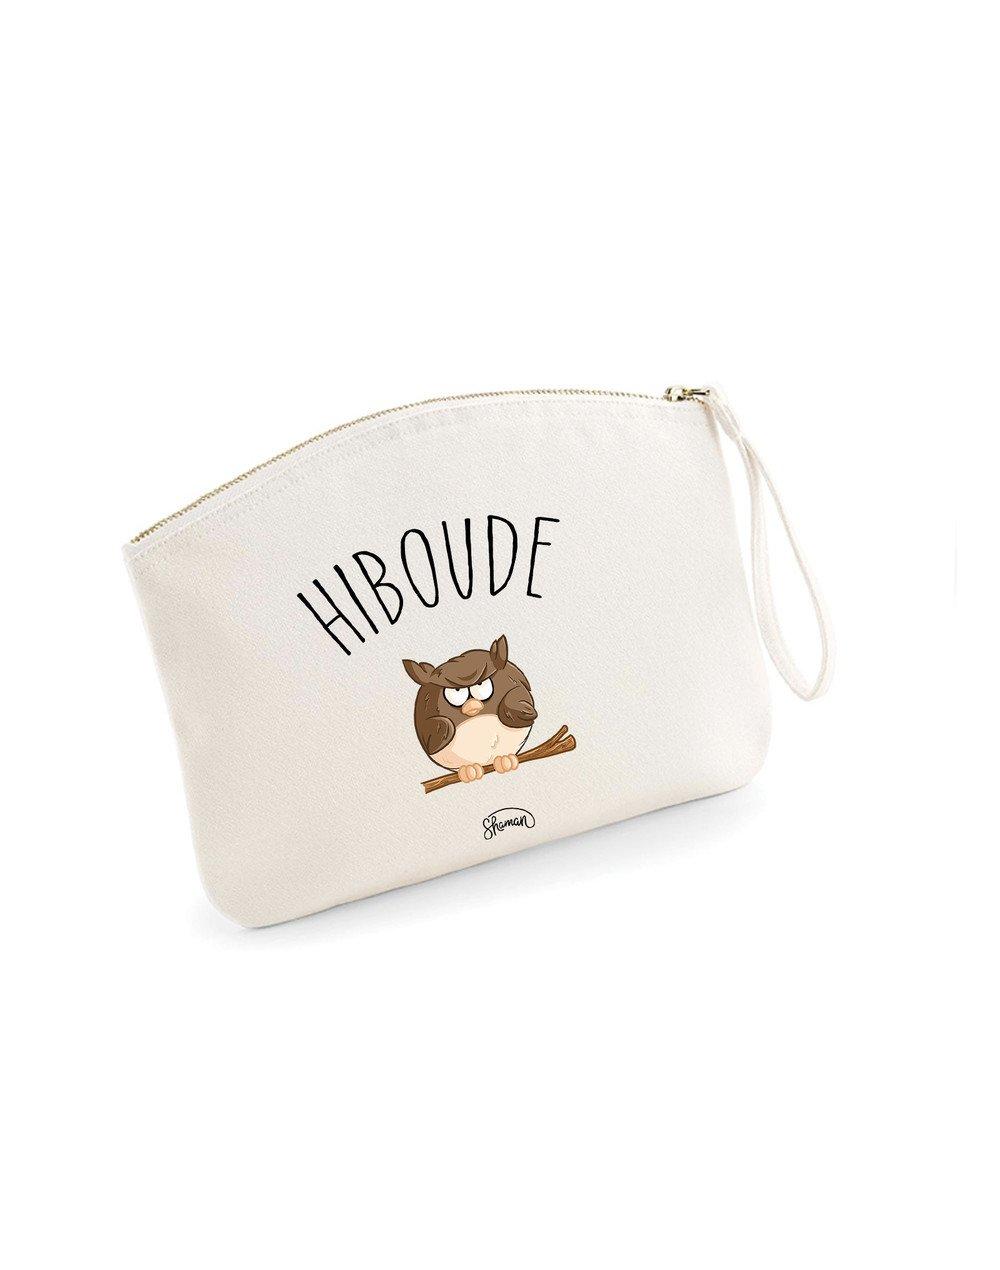 HIBOUDE - Pochette Natural en coton